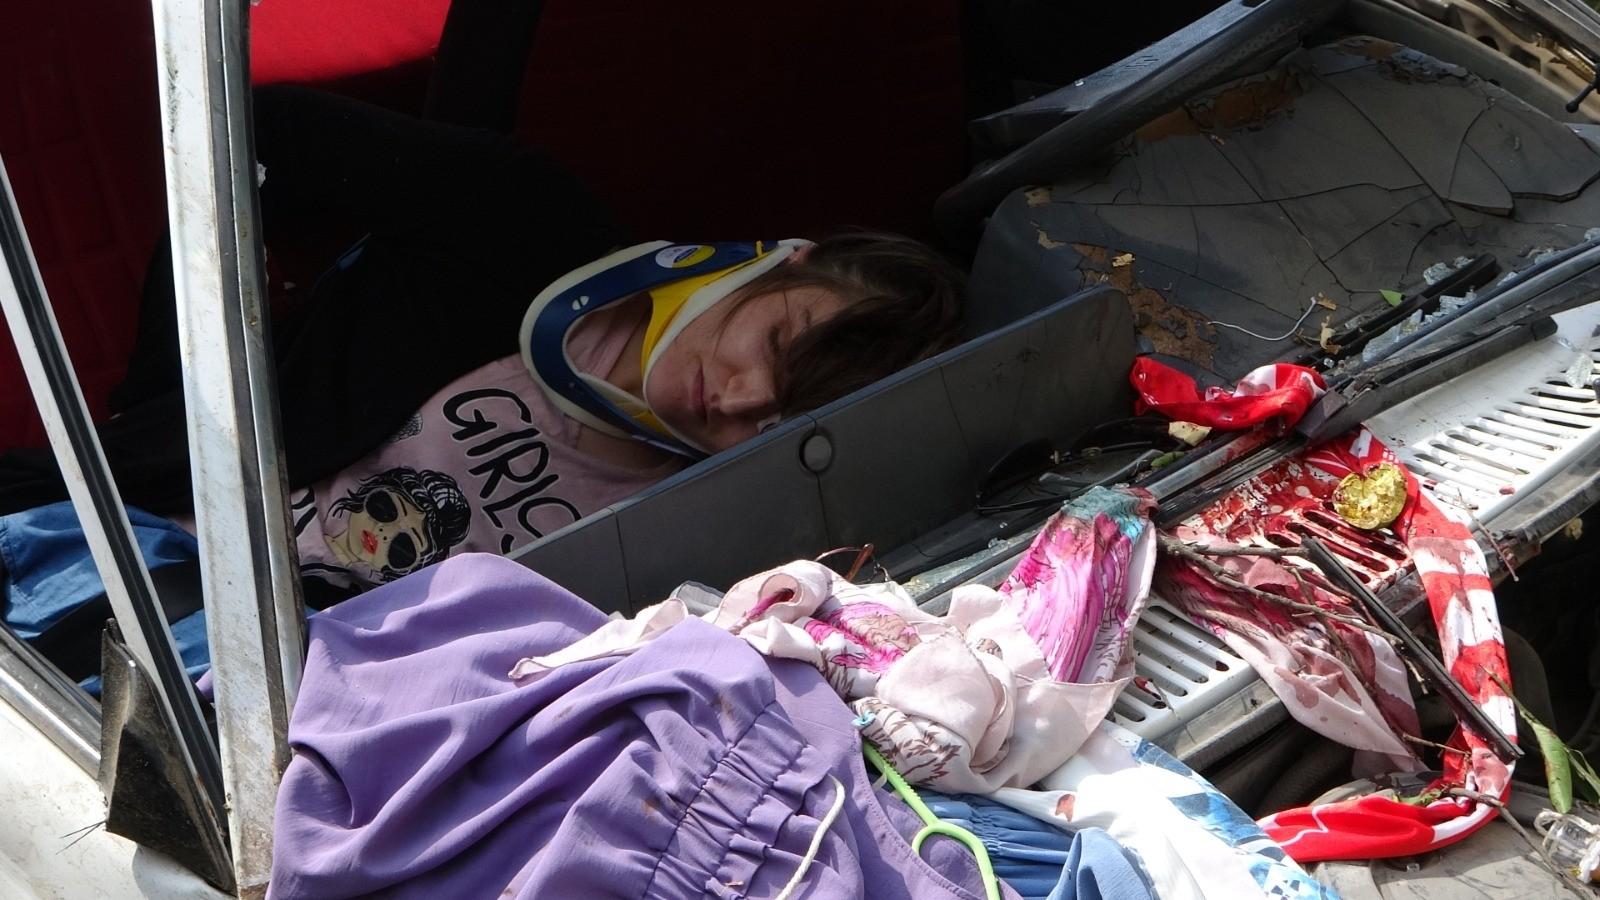 ÖZEL) Kamyondan fırlayan lastik kaplaması faciaya sebep oluyordu - Antalya  Haberleri